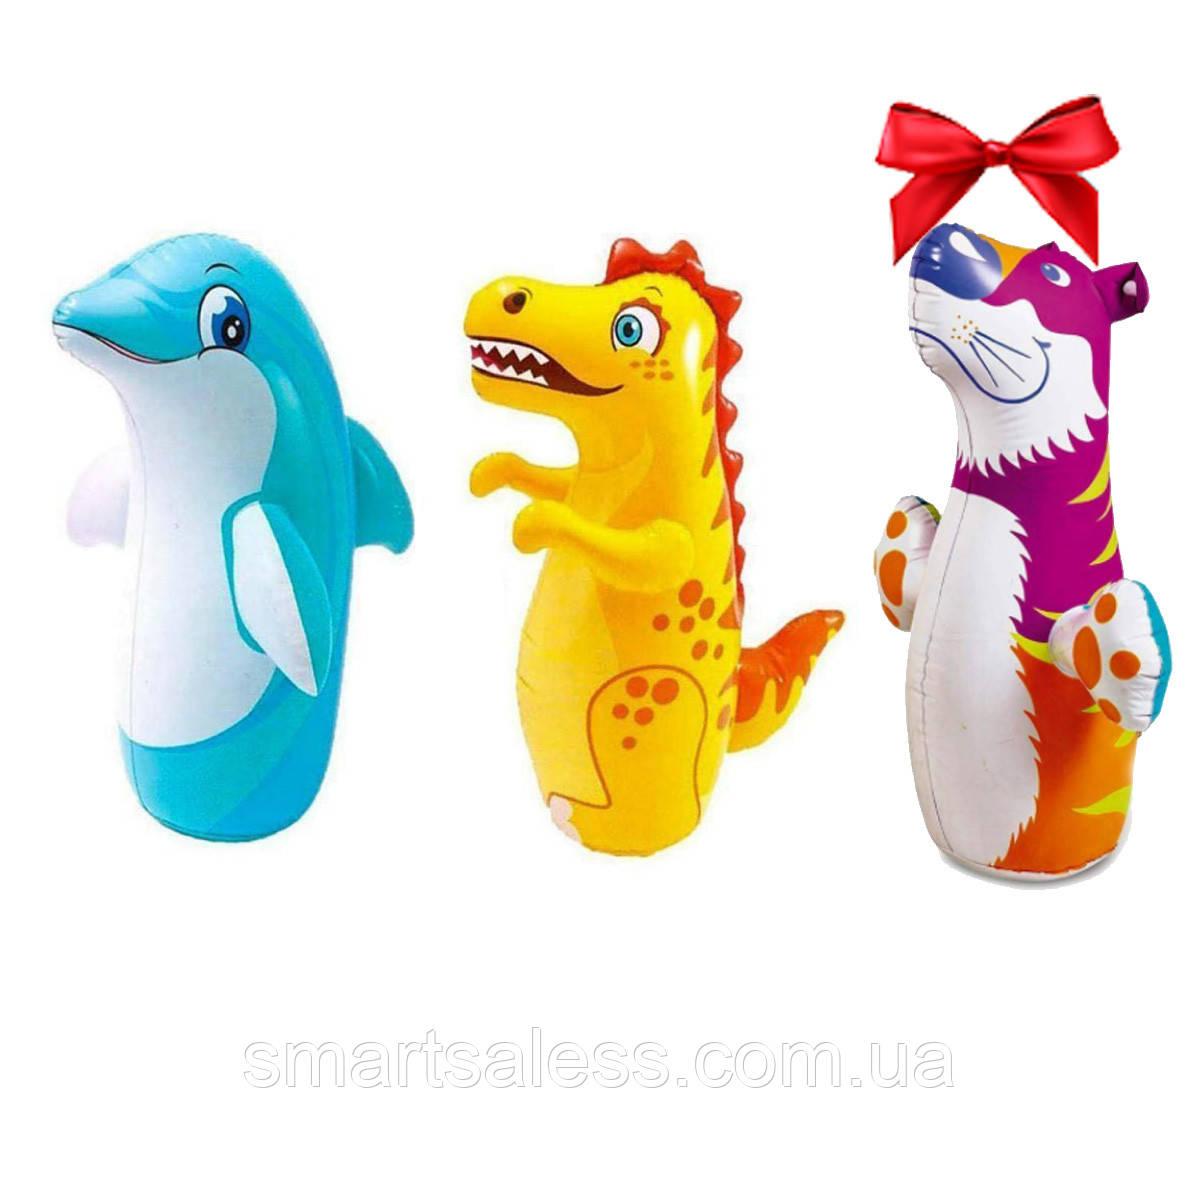 Надувний набір 3 в 1 іграшка - неваляшка Intex 44100